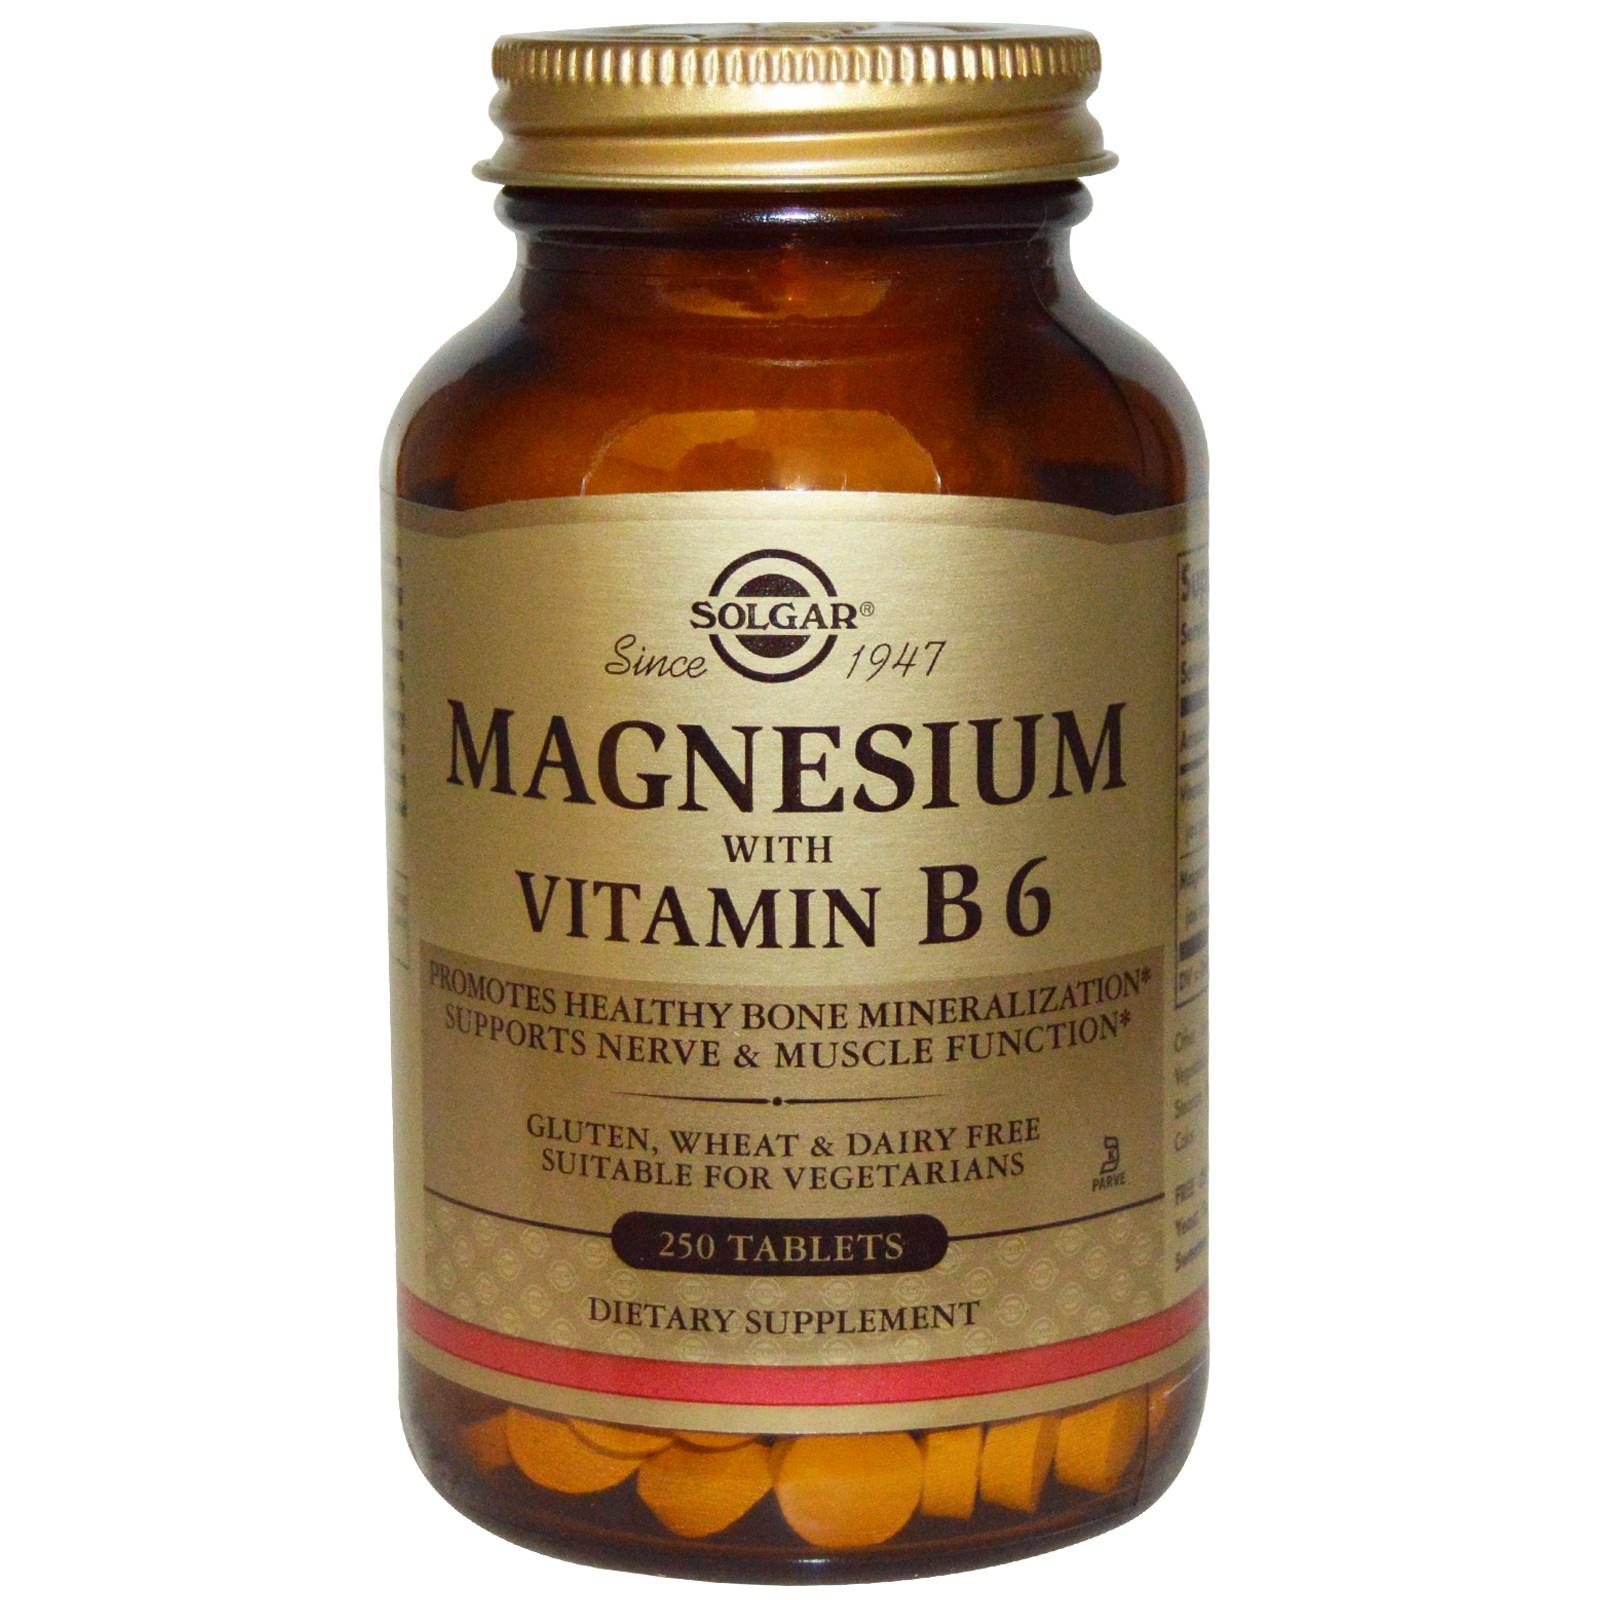 Магний с витамином В6 в таблетках, Solgar (250 штук)